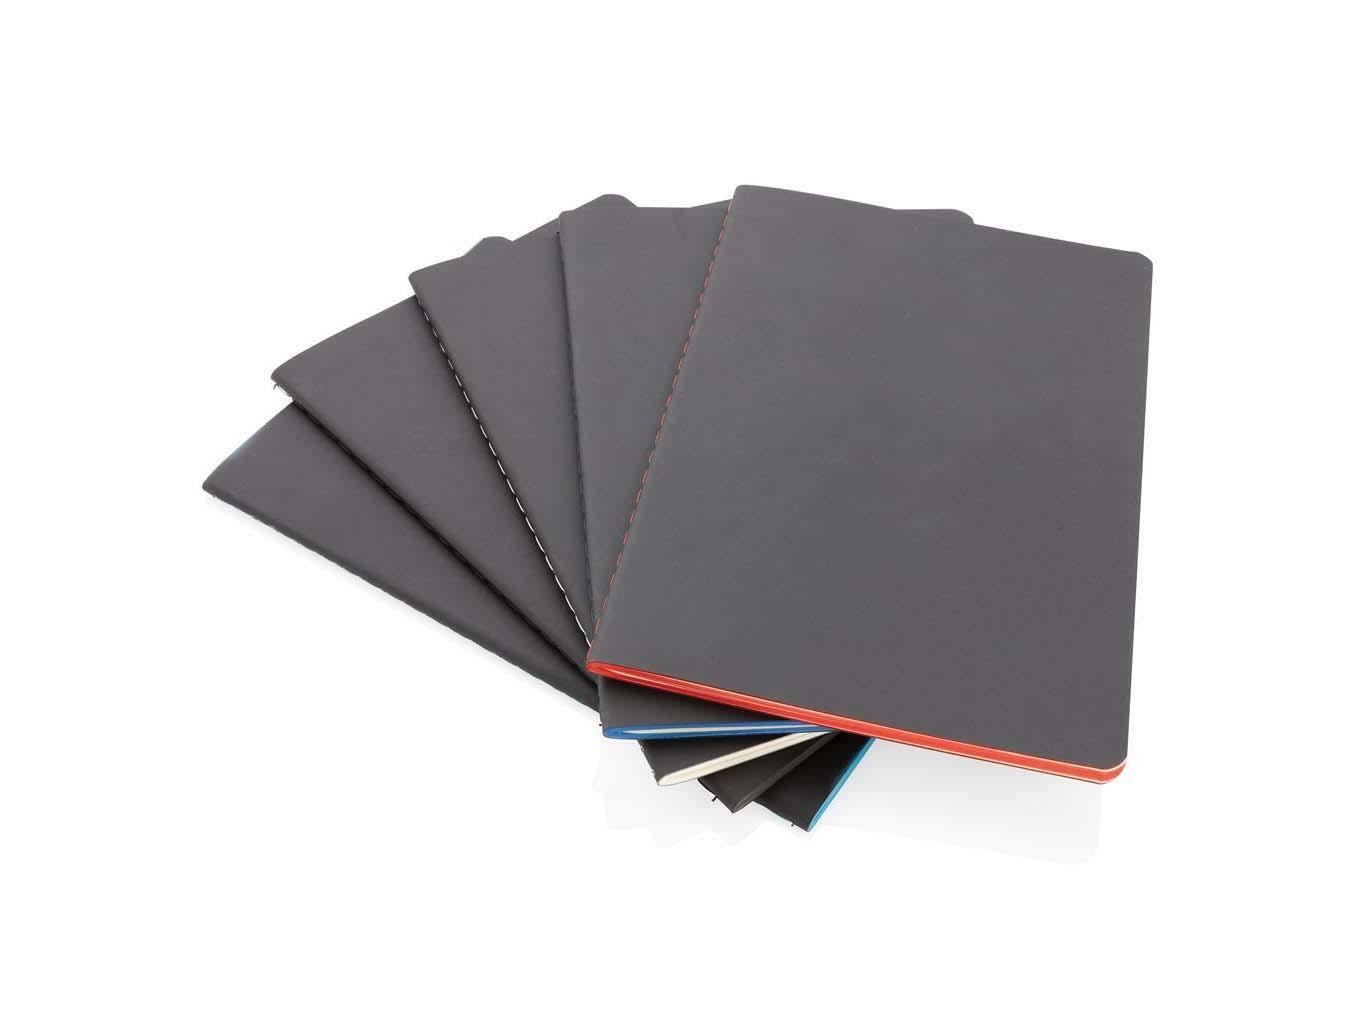 Carnet de notes A5 avec couverture souple et bord coloré